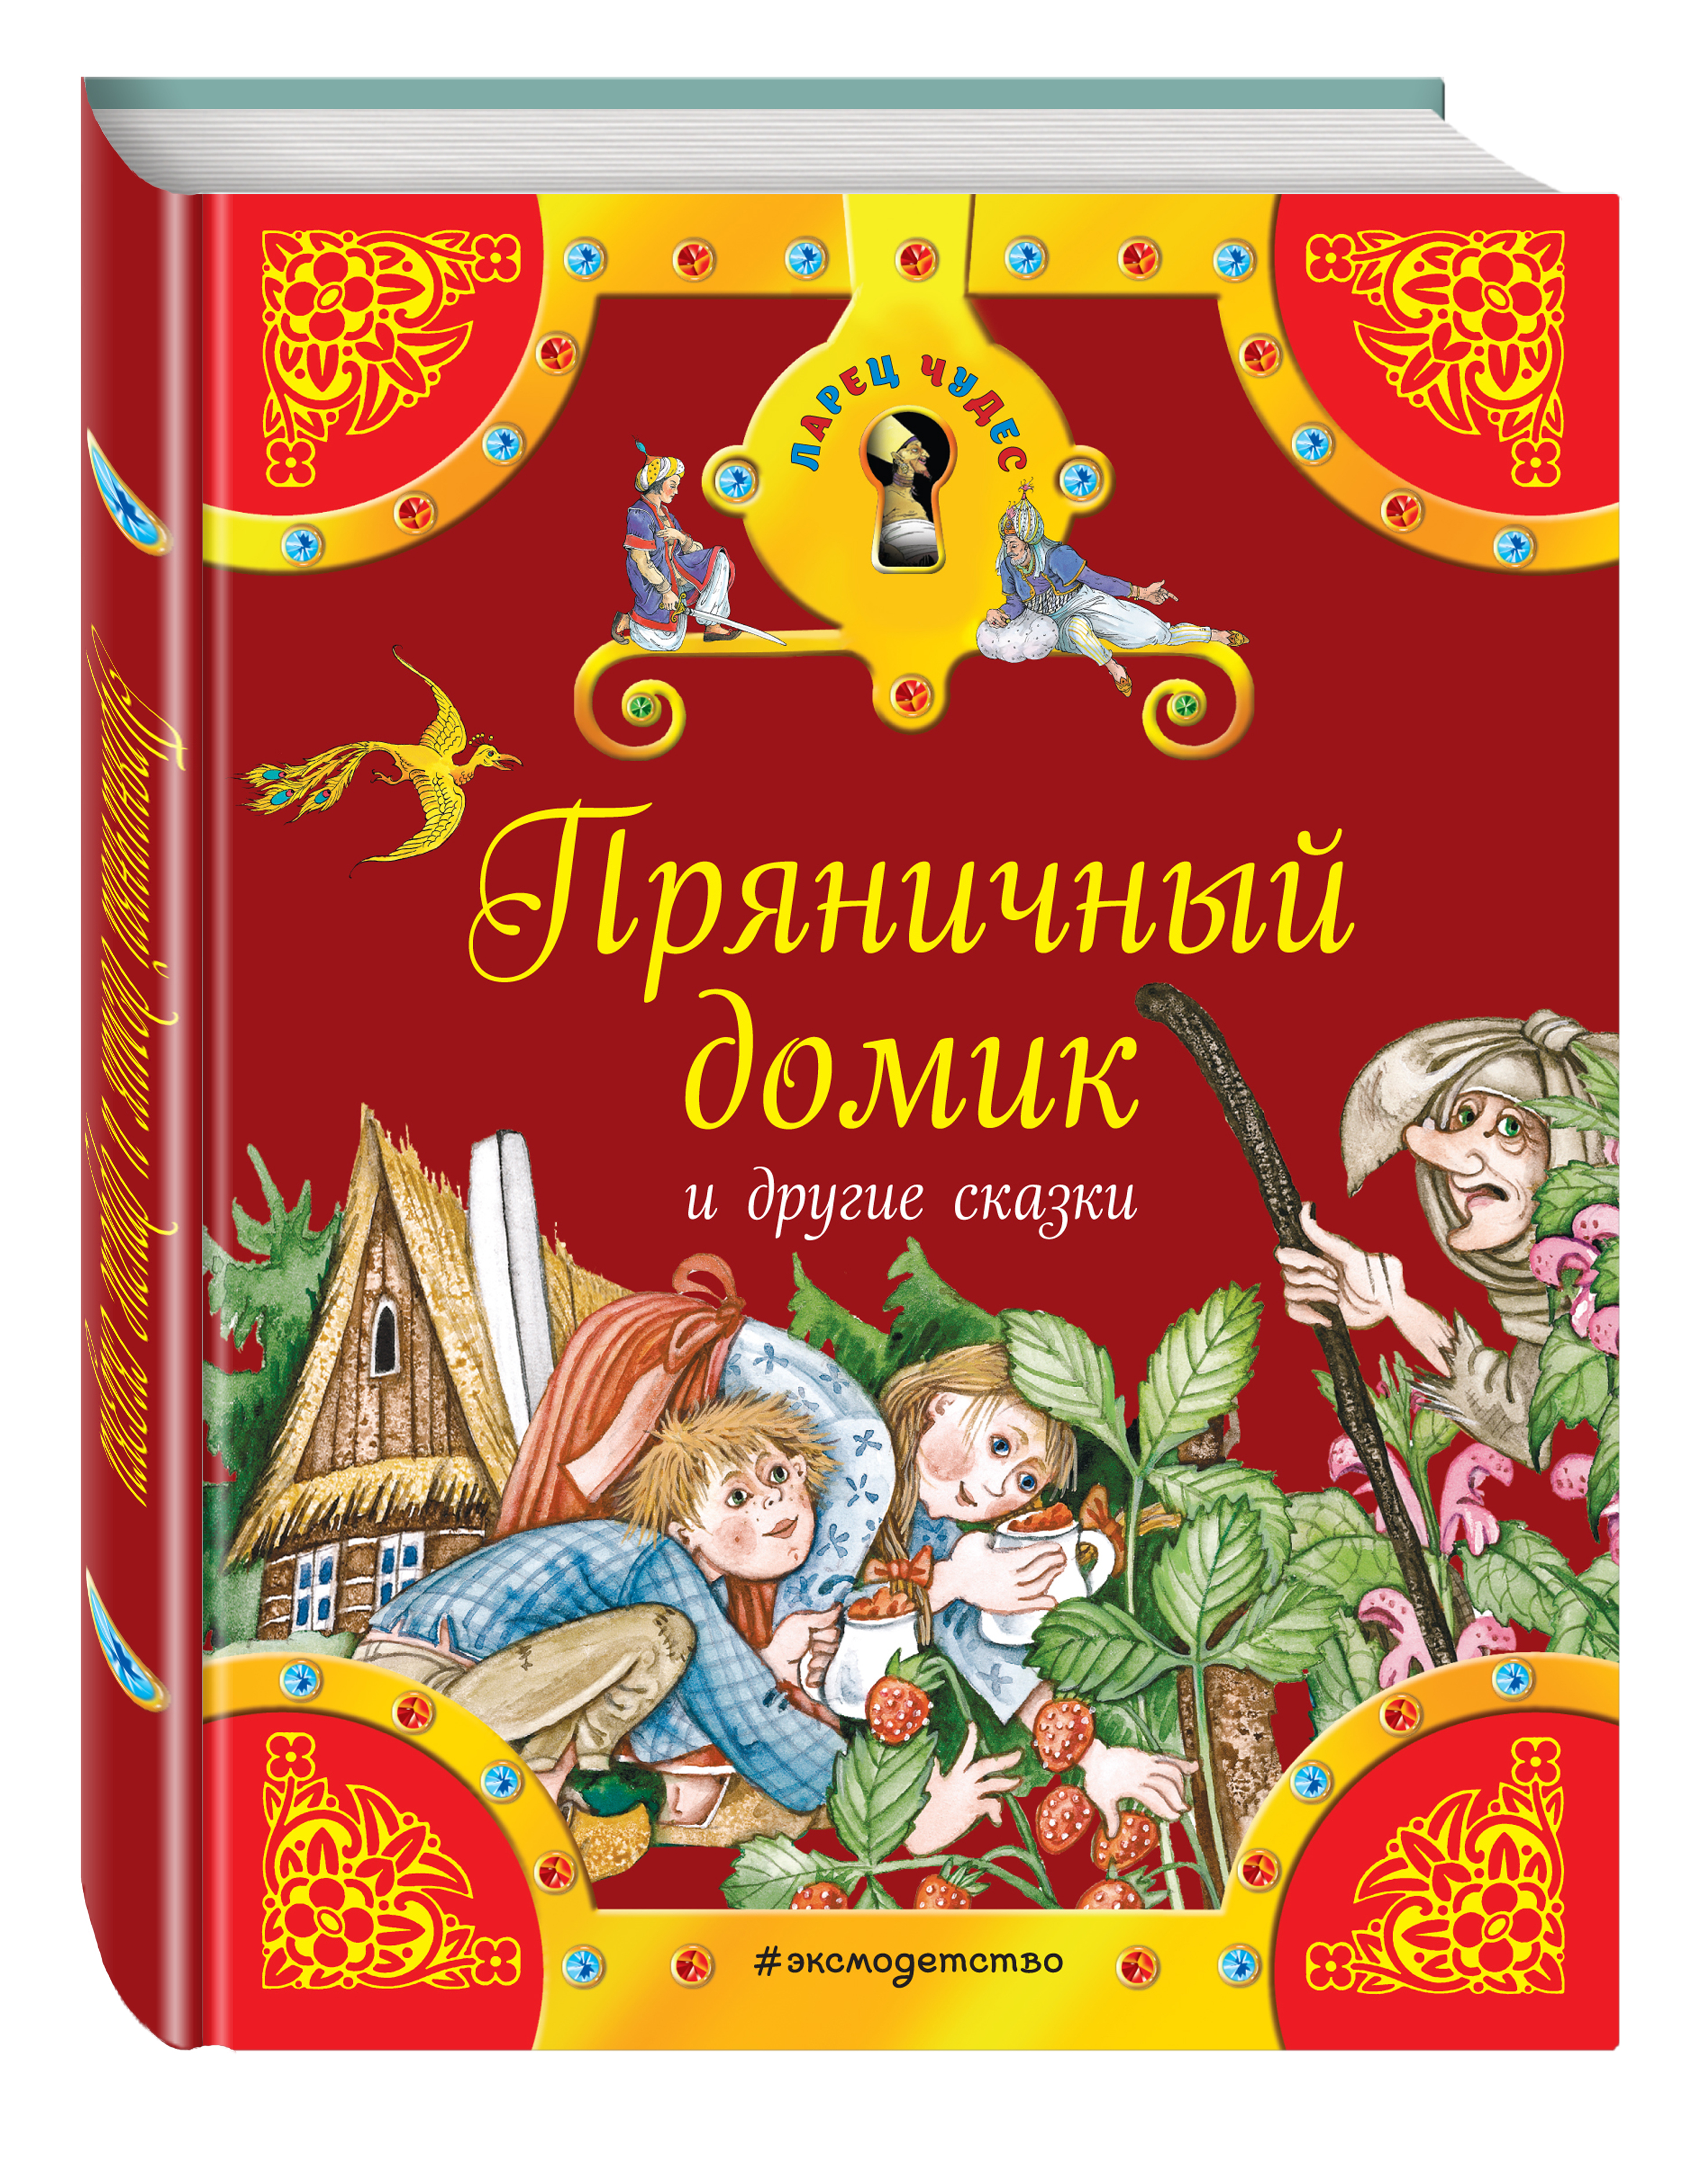 Пряничный домик и другие сказки комод пряничный домик